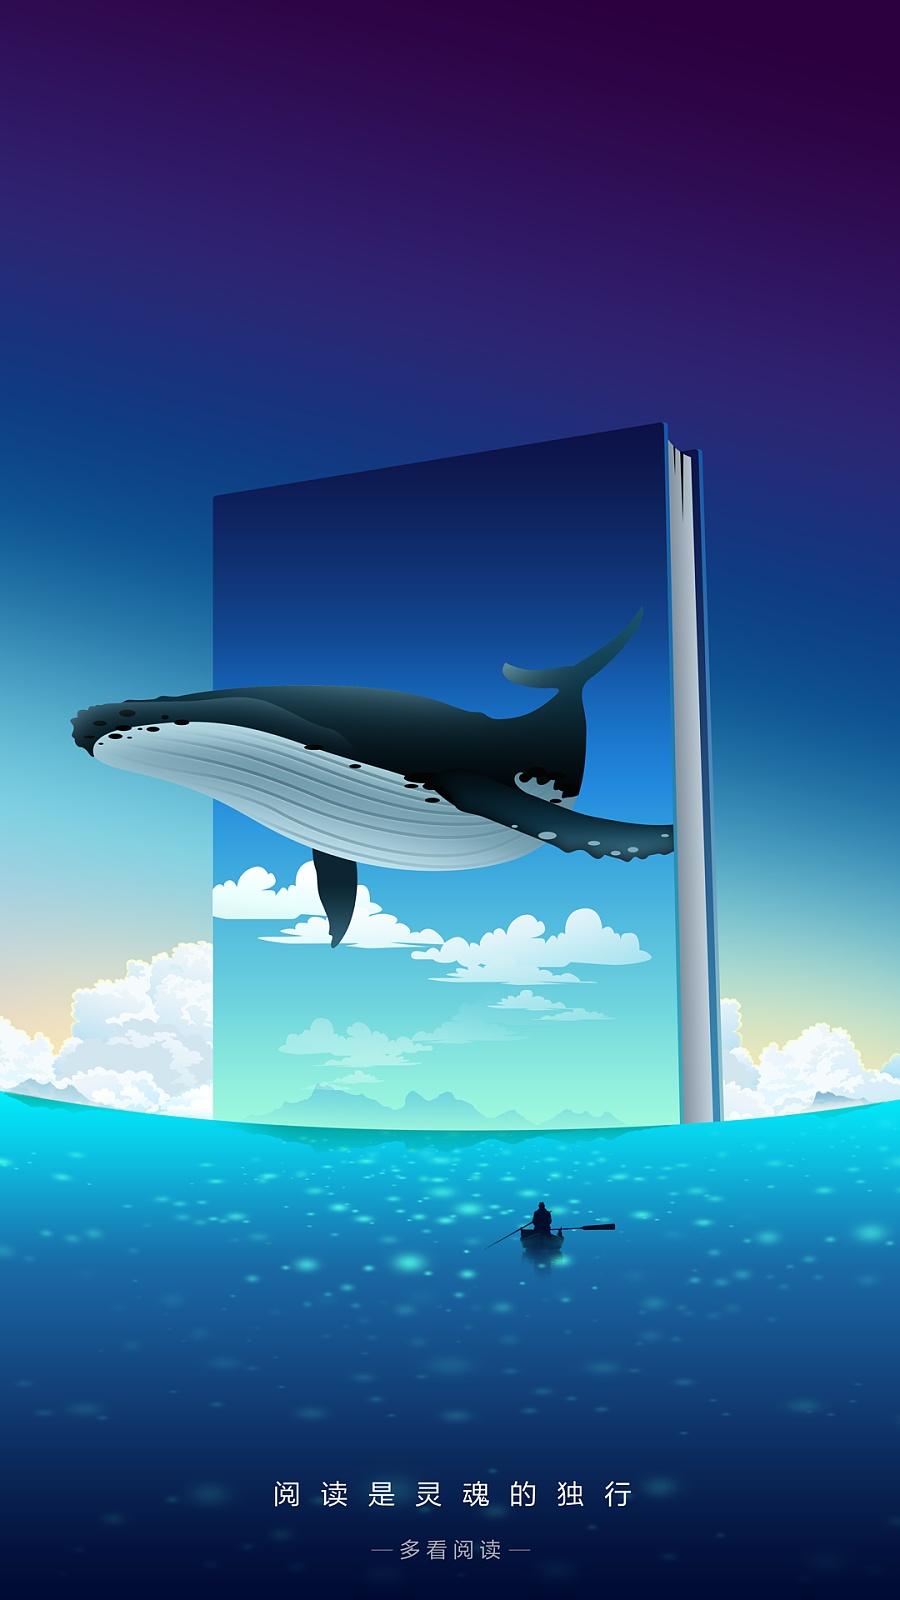 查看《带梦与自由上路,世界如约而来》原图,原图尺寸:1080x1920